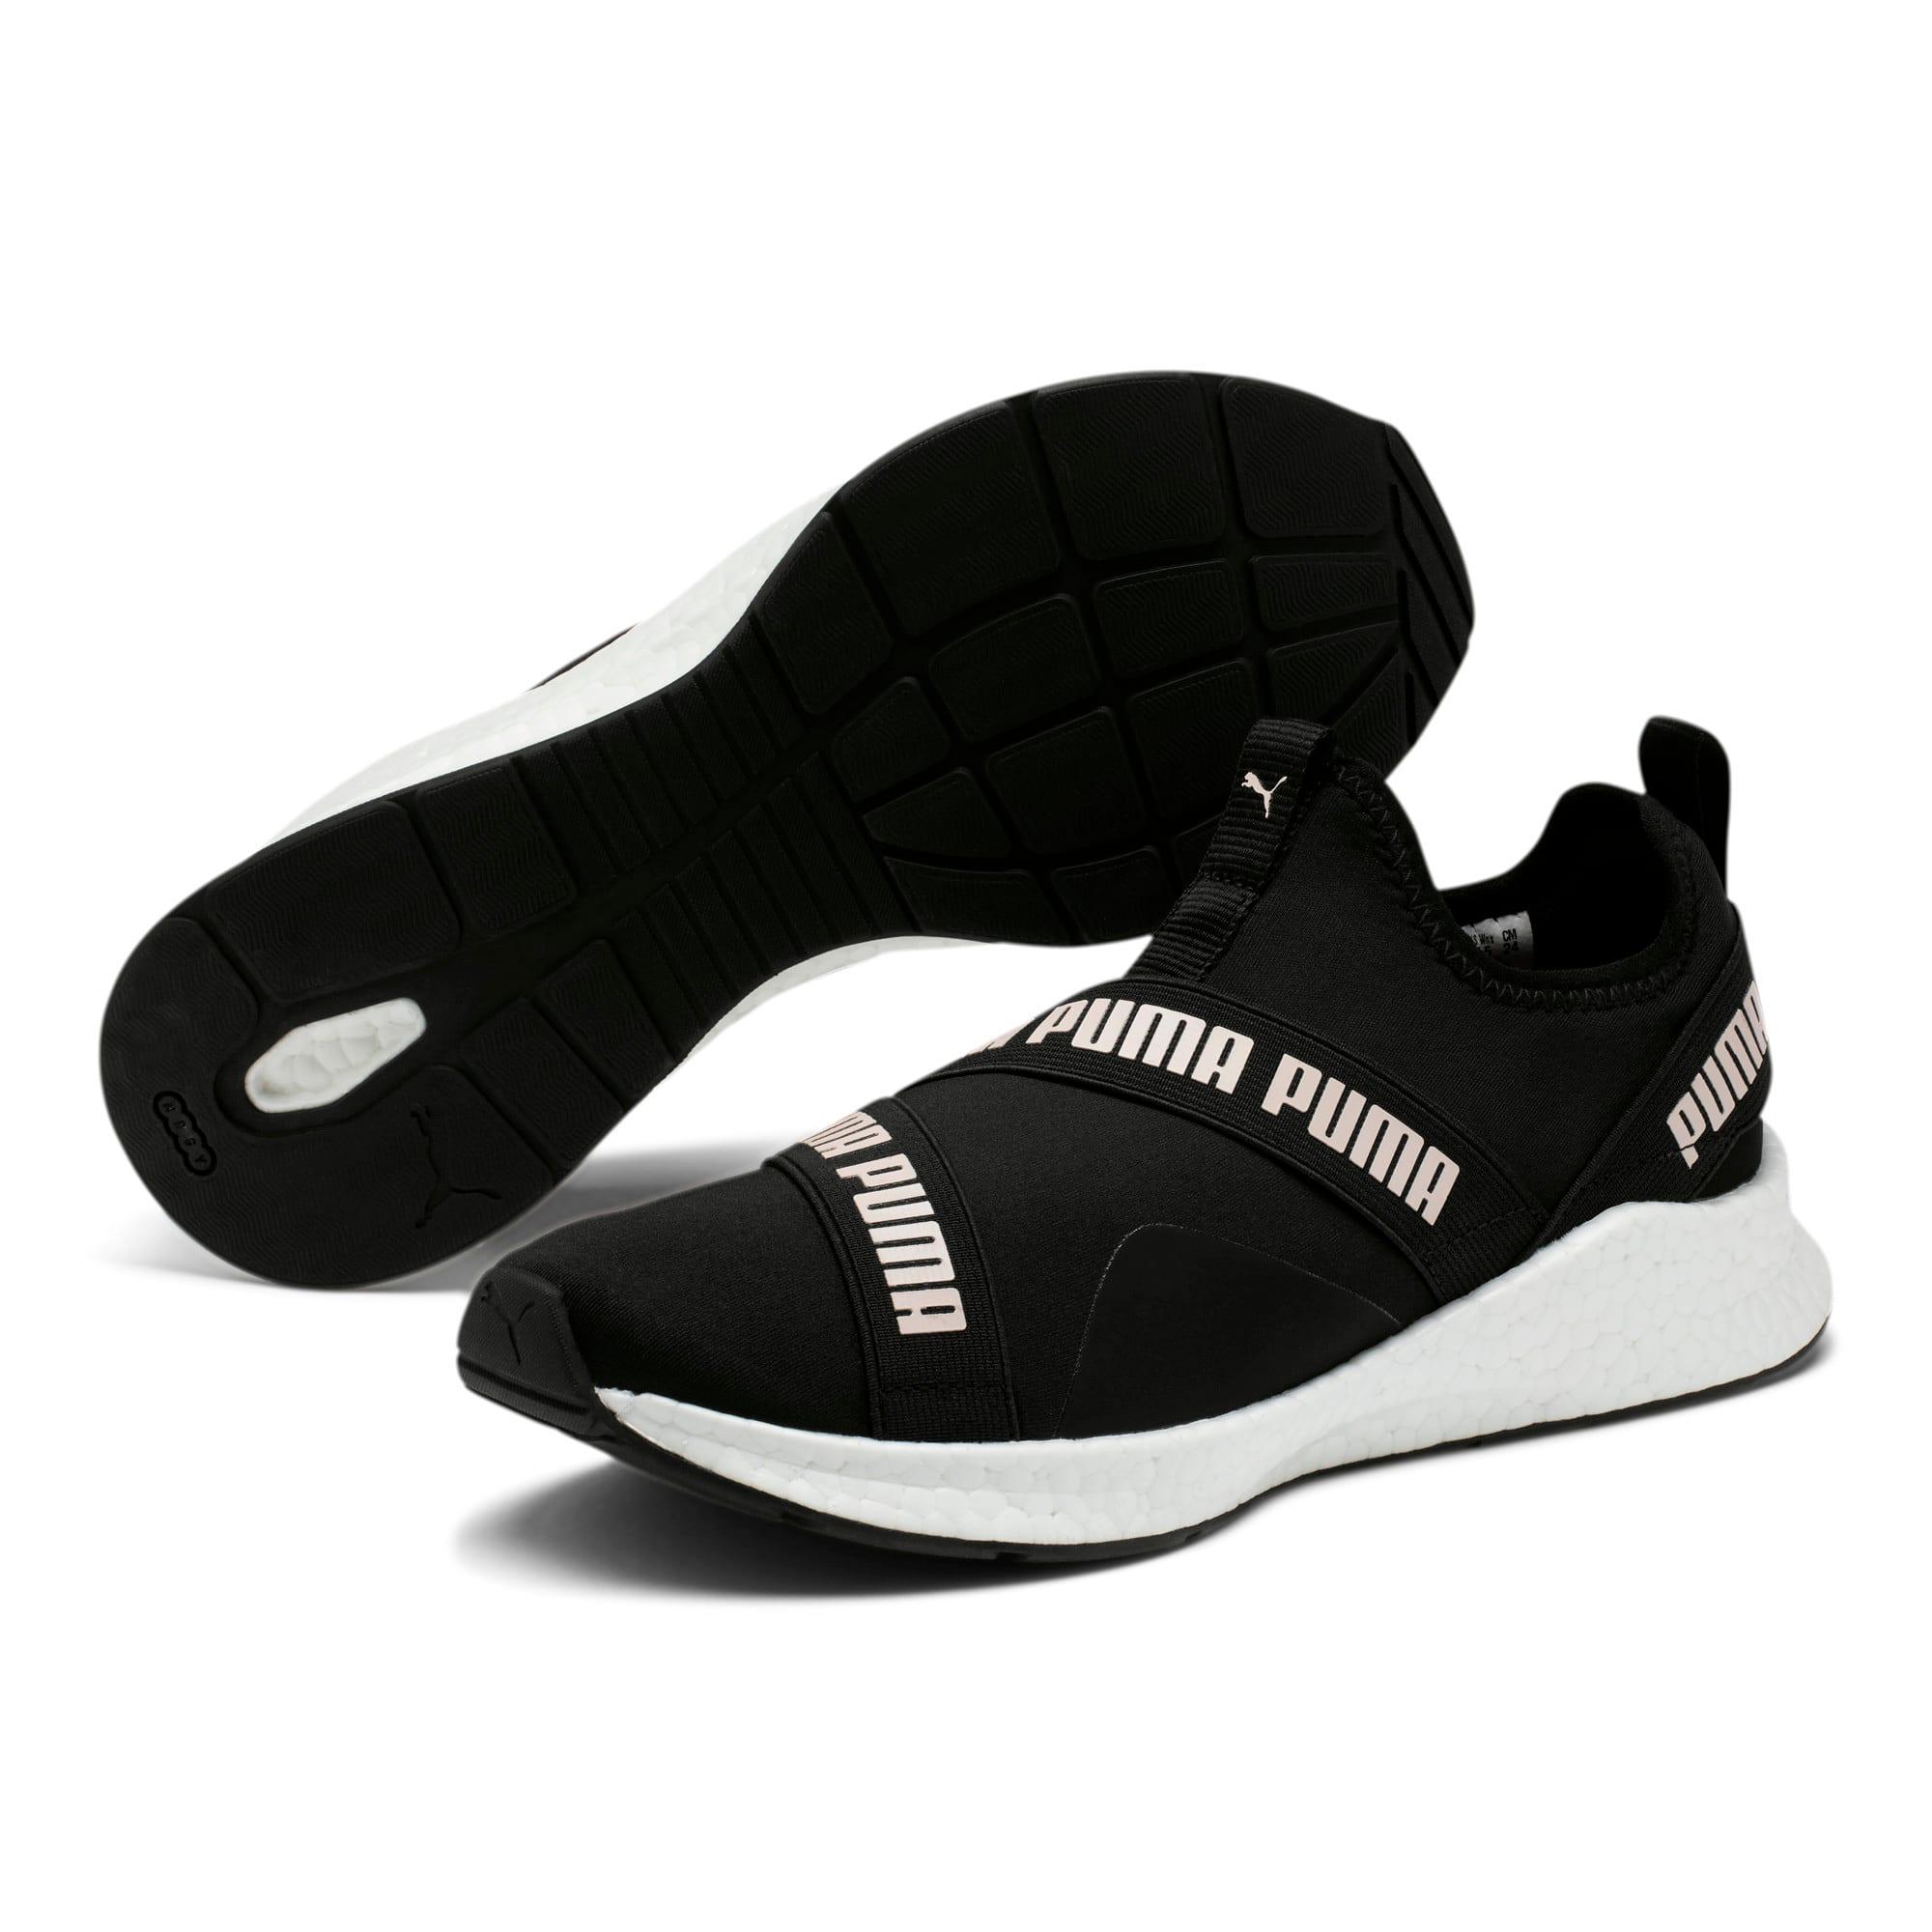 Thumbnail 2 of NRGY Star Slip-On Women's Running Shoes, Black-Pearl-White, medium